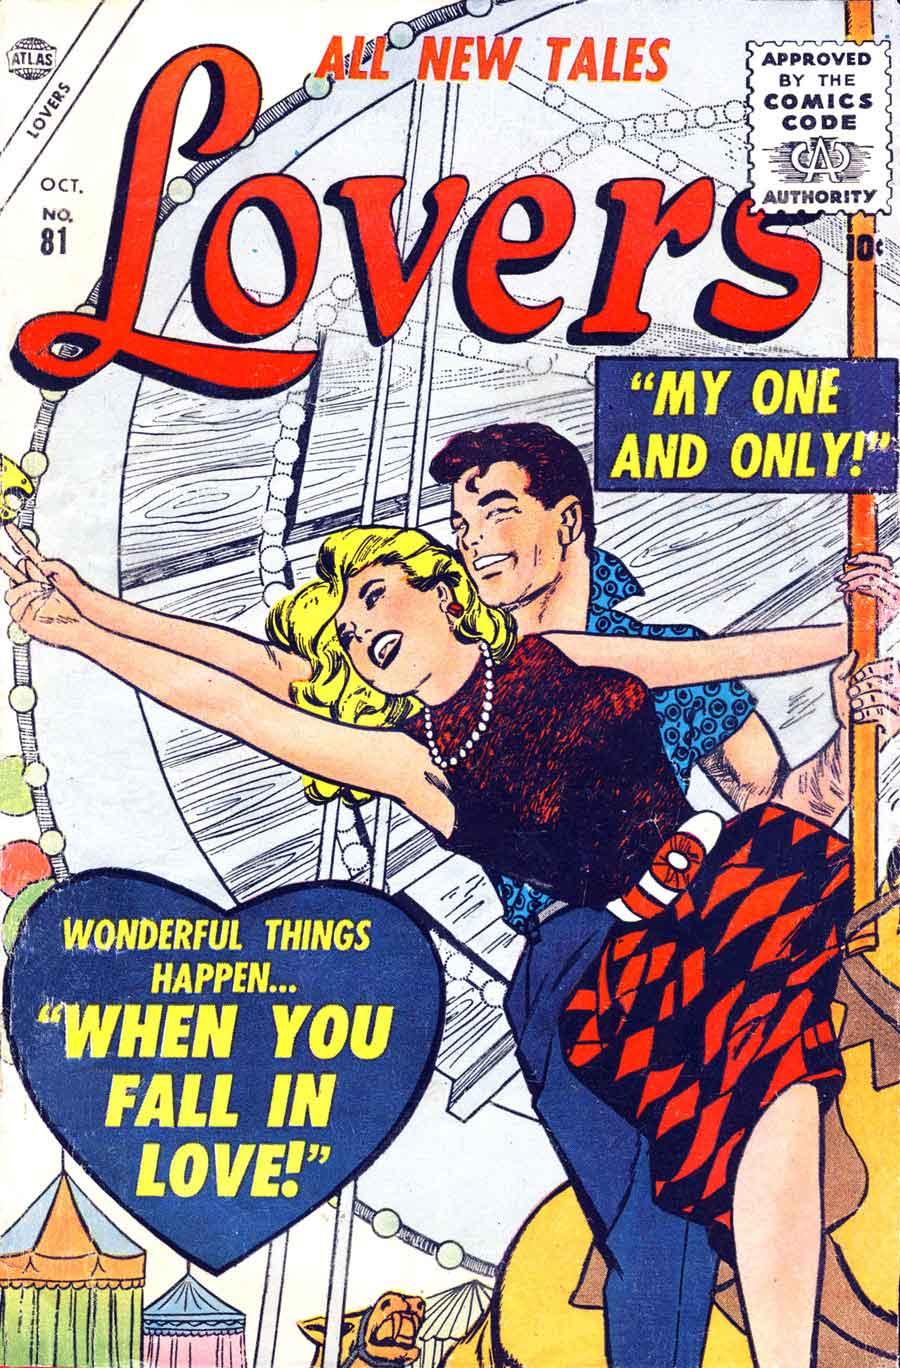 Lovers-81.jpg